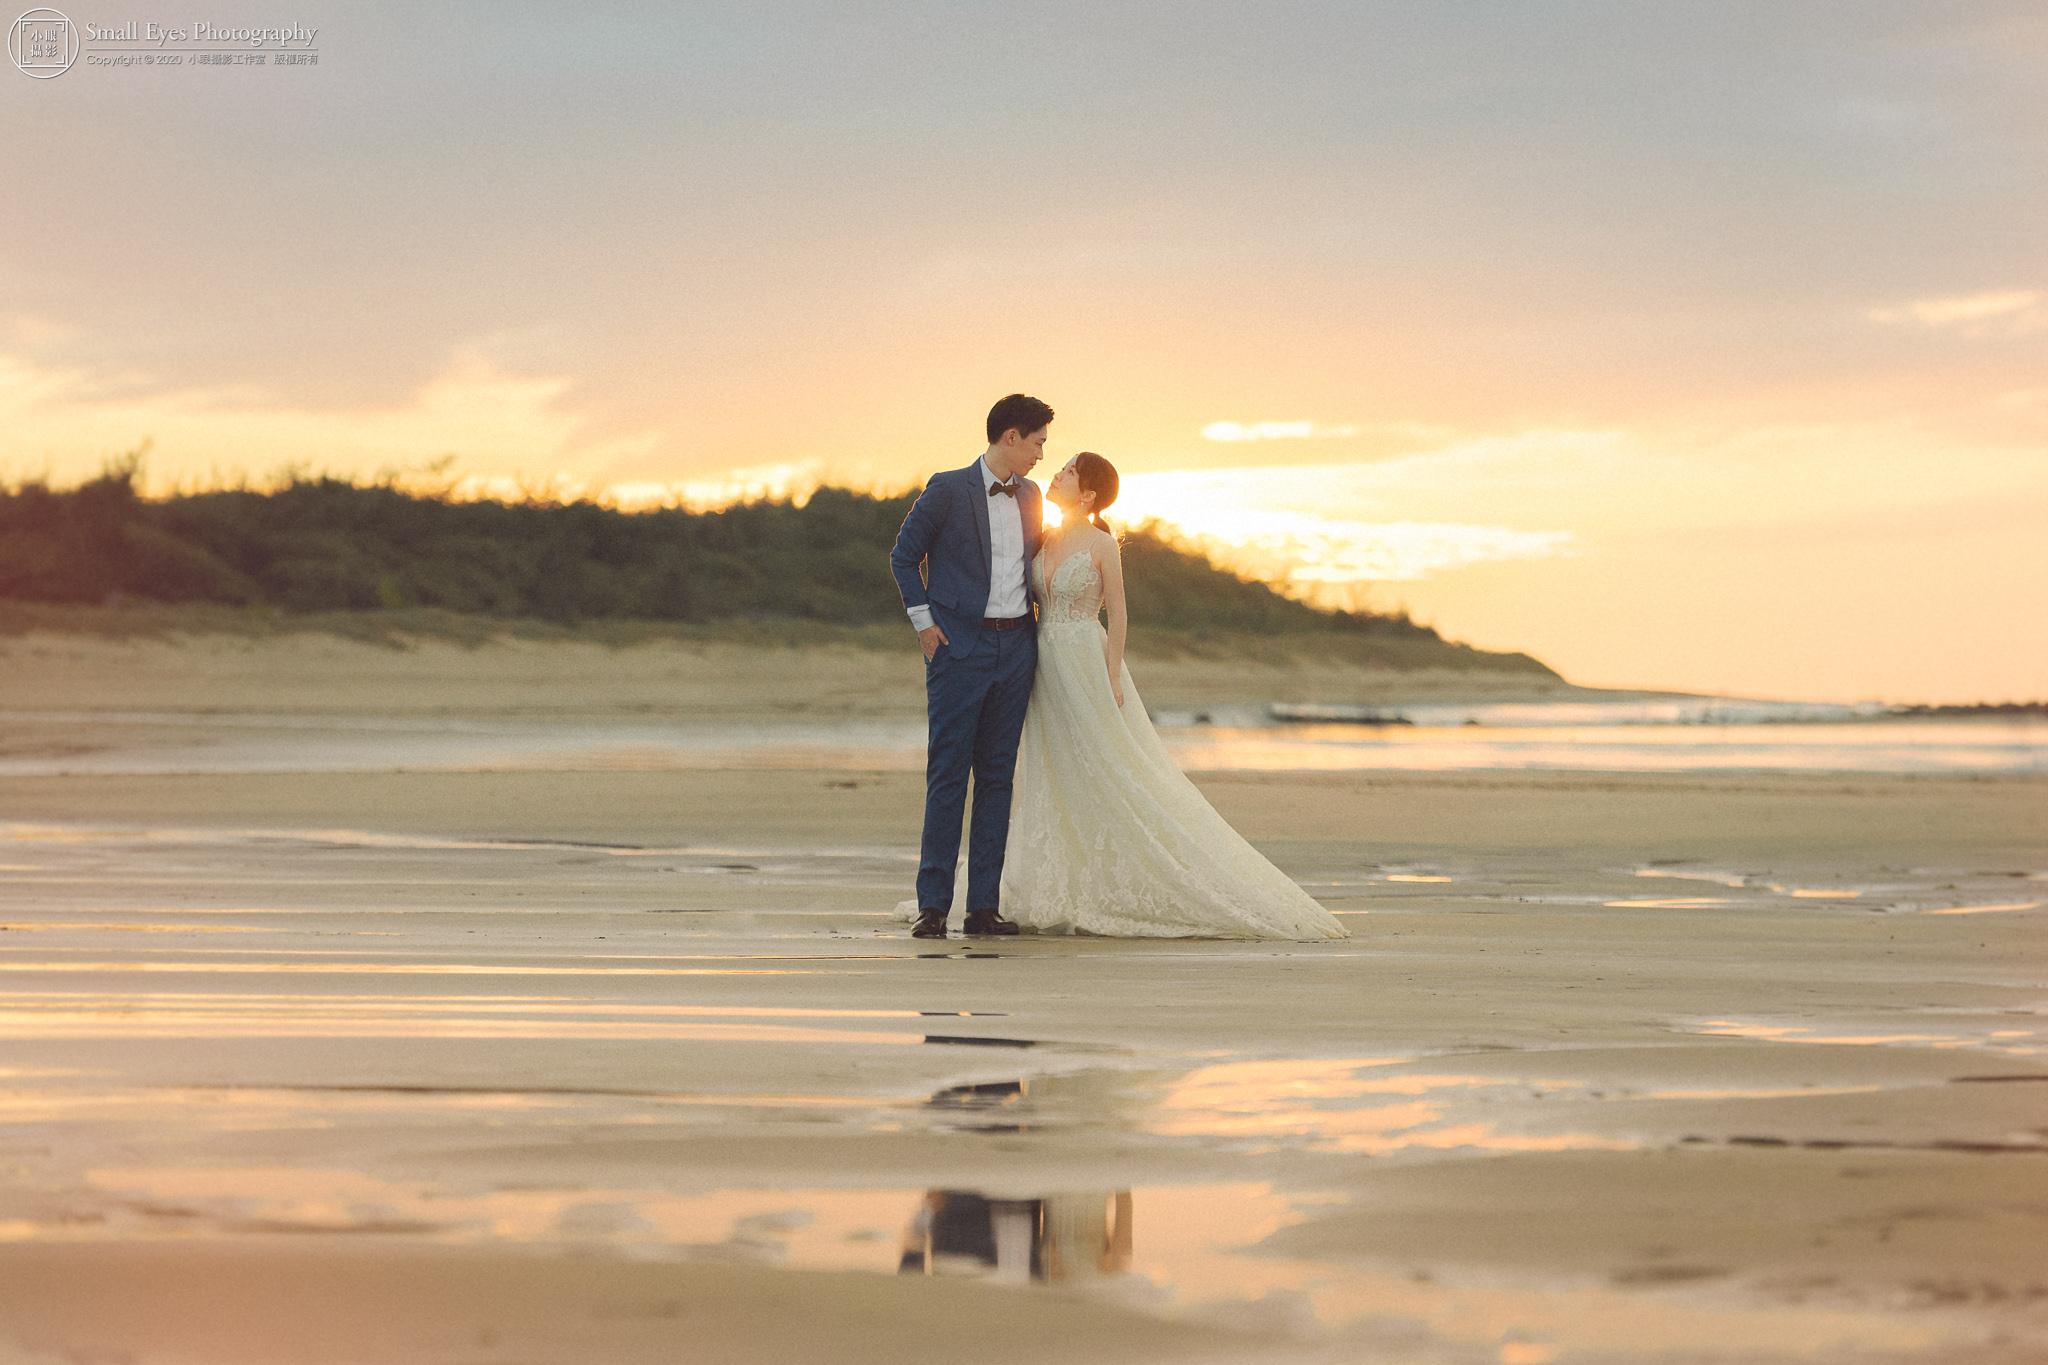 小眼攝影,自助婚紗,婚攝,婚紗攝影,新秘瓜瓜,吉兒婚紗,台灣,北部,北海岸,海邊